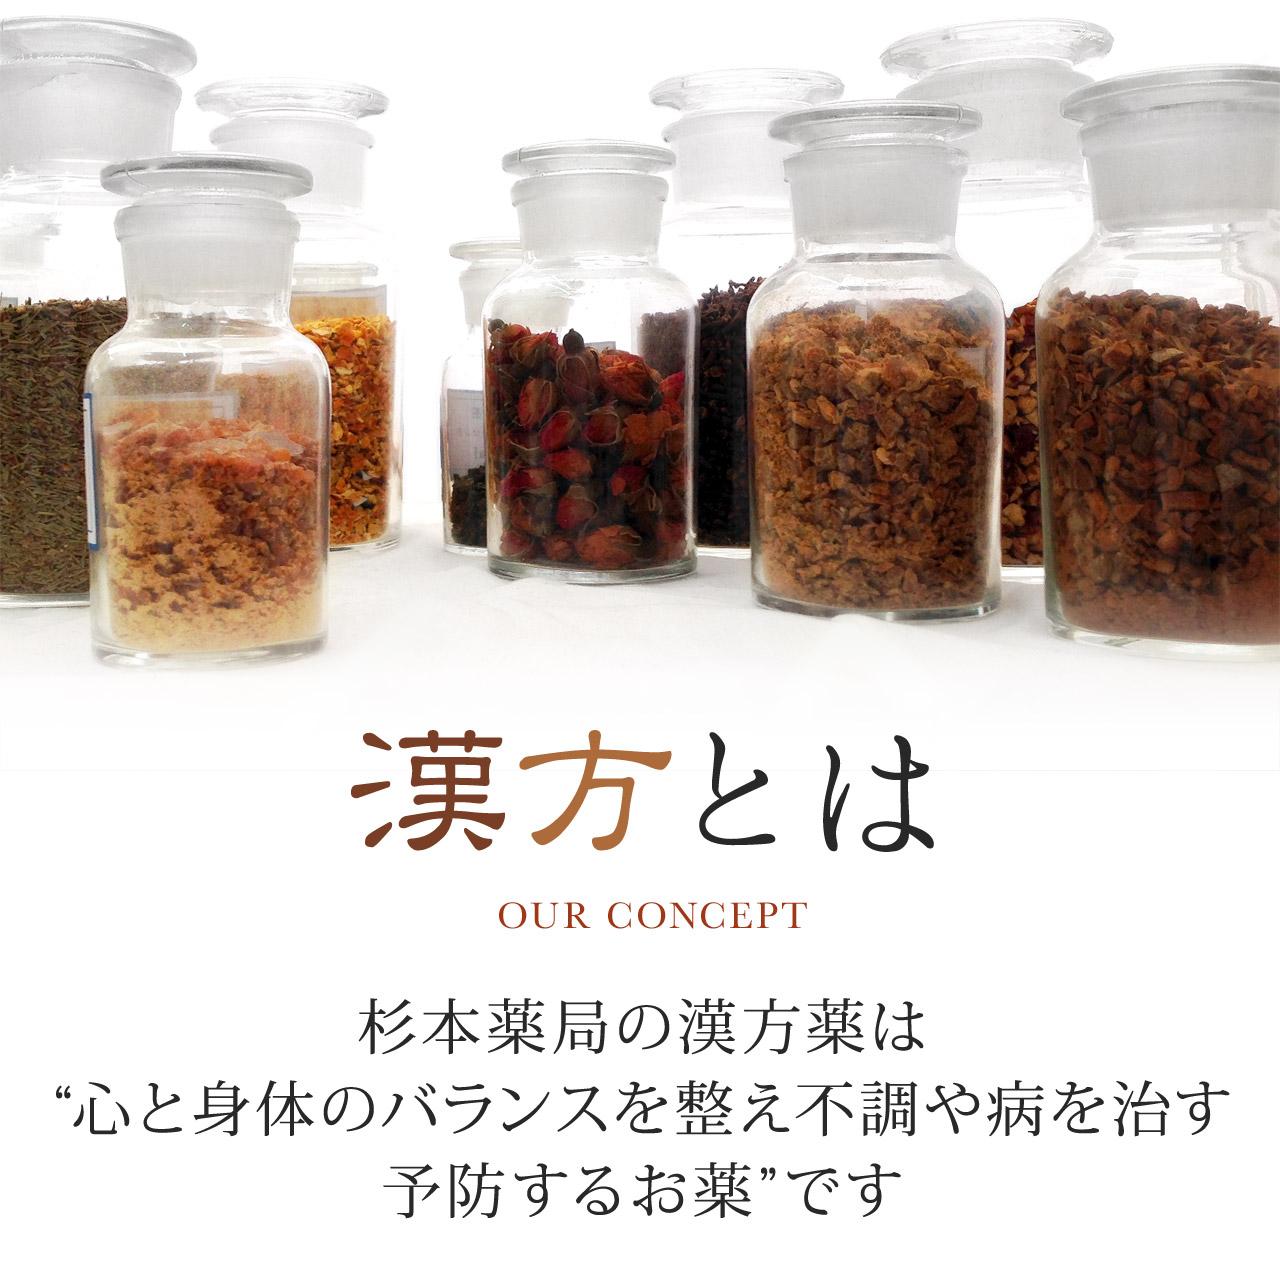 杉本薬局の漢方薬は、心と身体のバランスを整え、不調や病を治す、予防するお薬です。